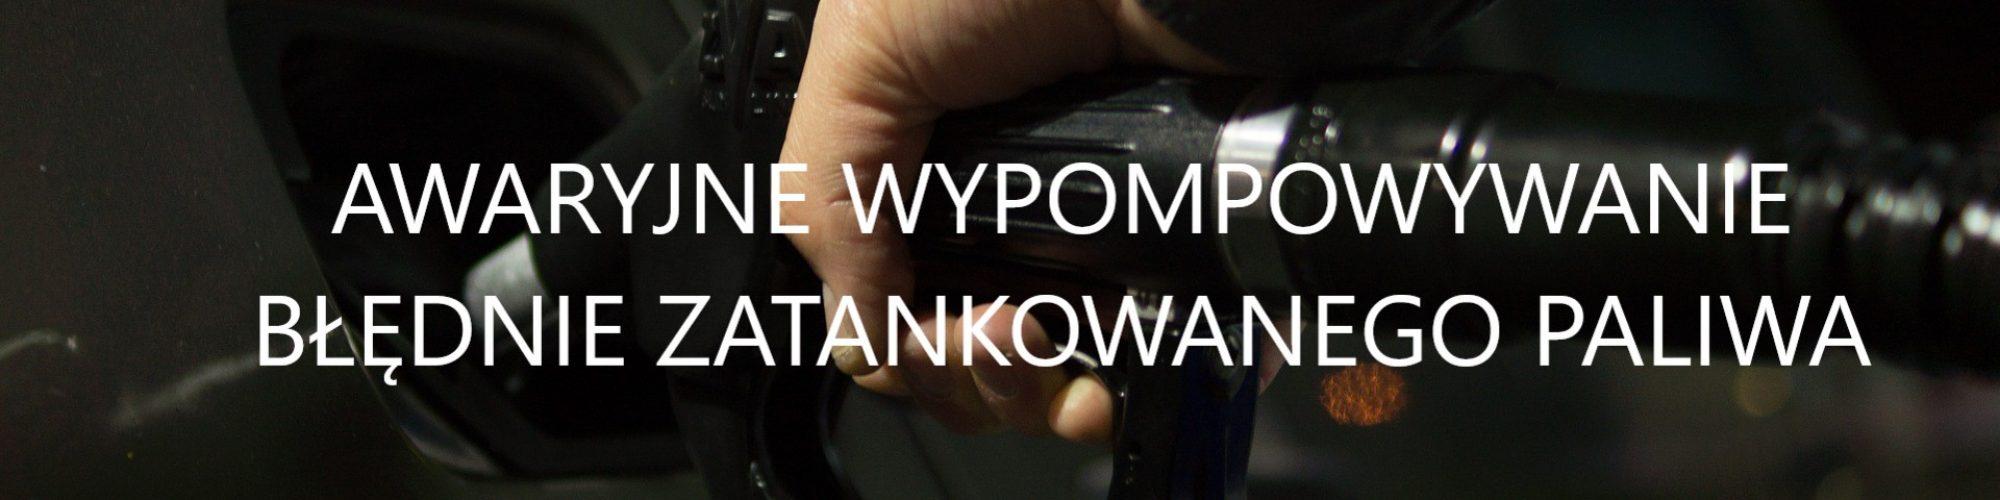 Spuszczanie Paliwa Kraków